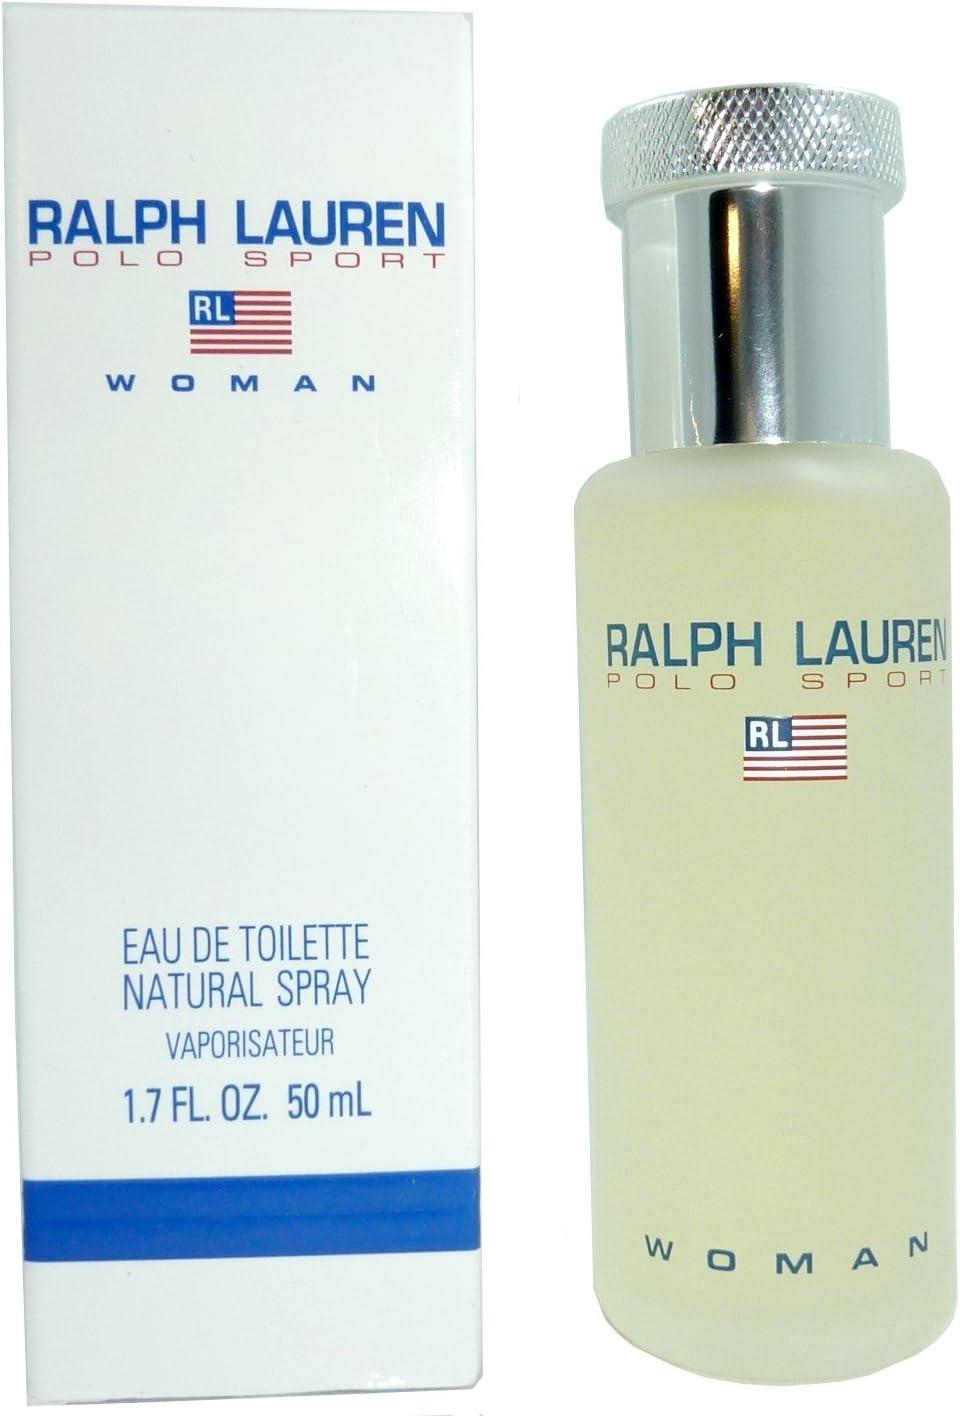 Ralph Lauren Polo Sport Eau de Toilette 50ml Vaporizador: Amazon ...